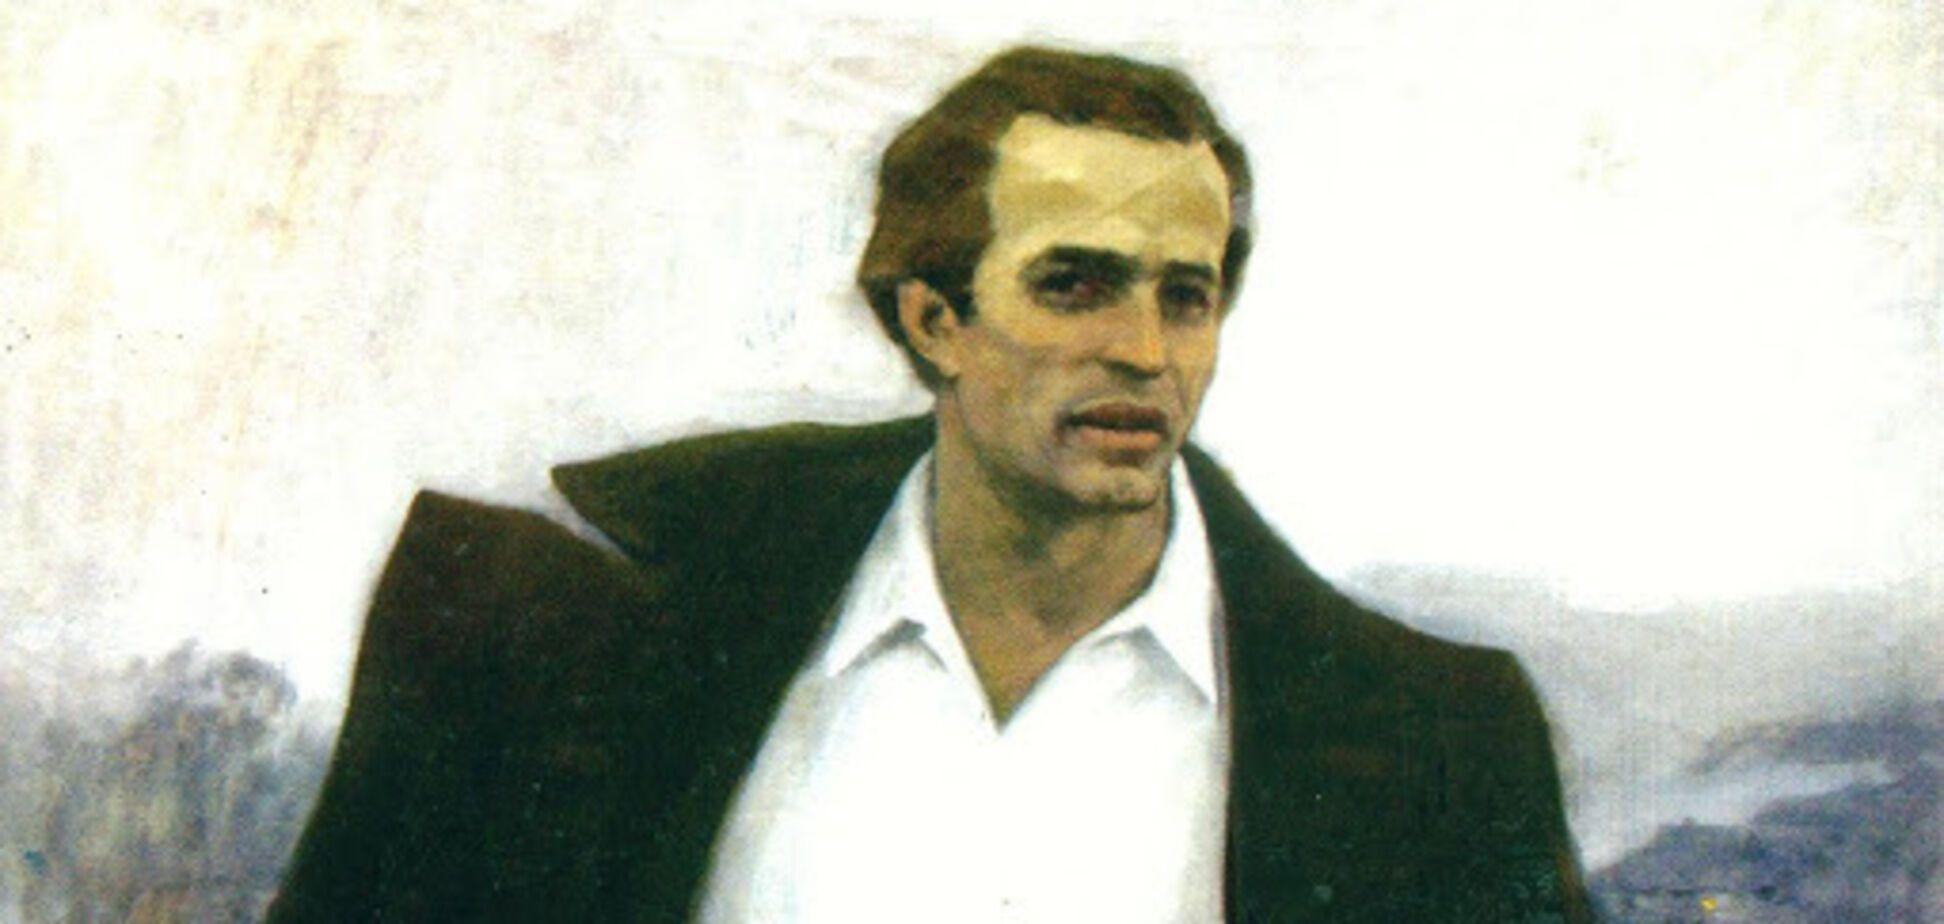 Український письменник Василь Симоненко народився 8 січня на Черкащині